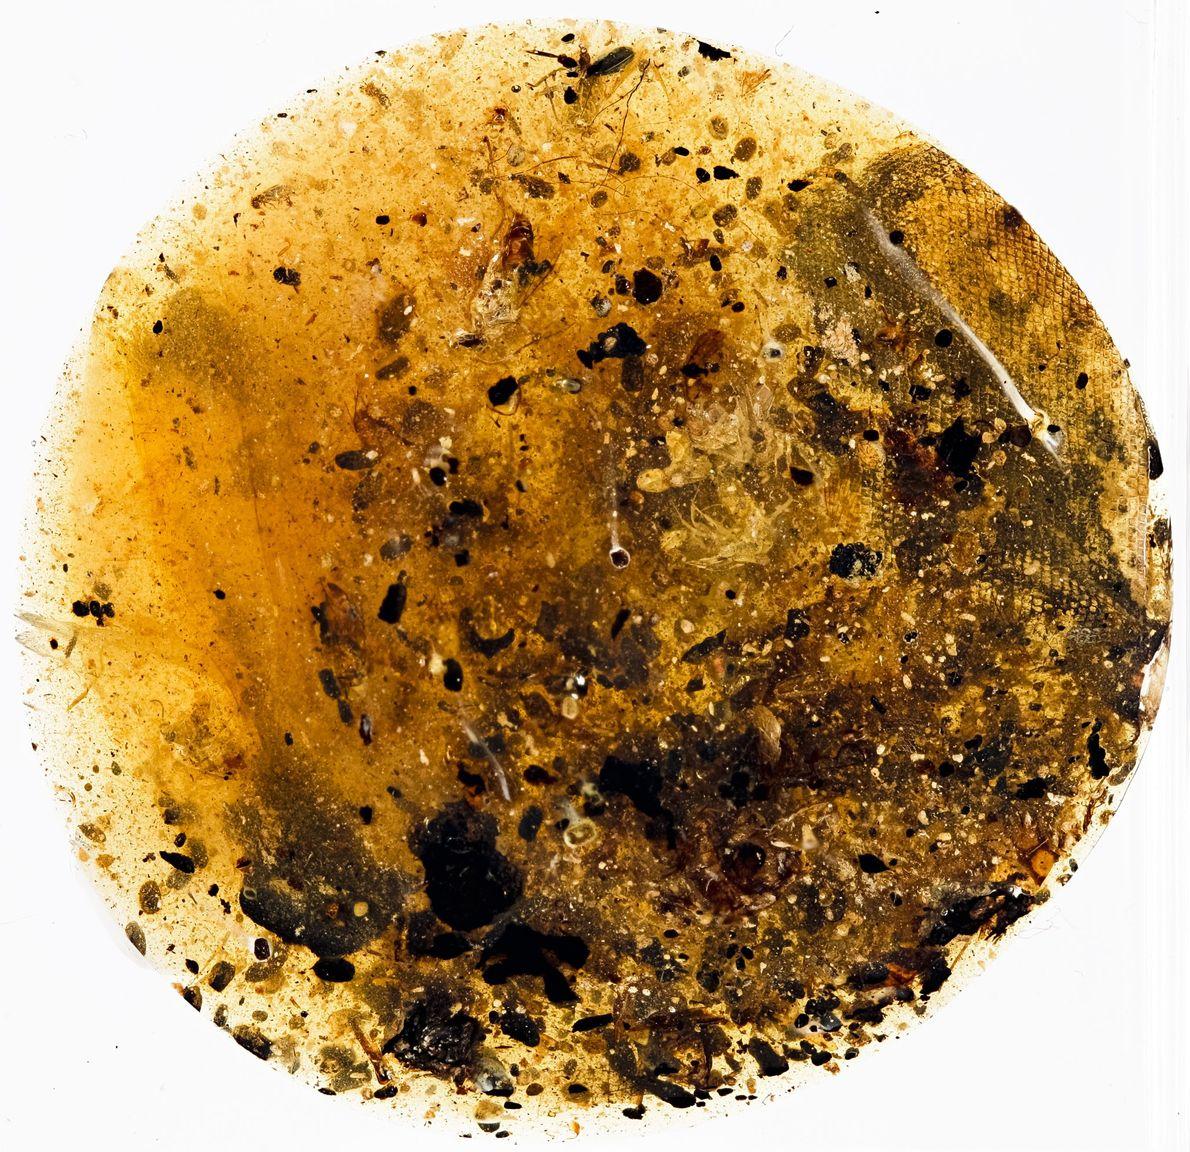 Um segundo fragmento de âmbar conserva uma possível amostra de pele de uma serpente primitiva.